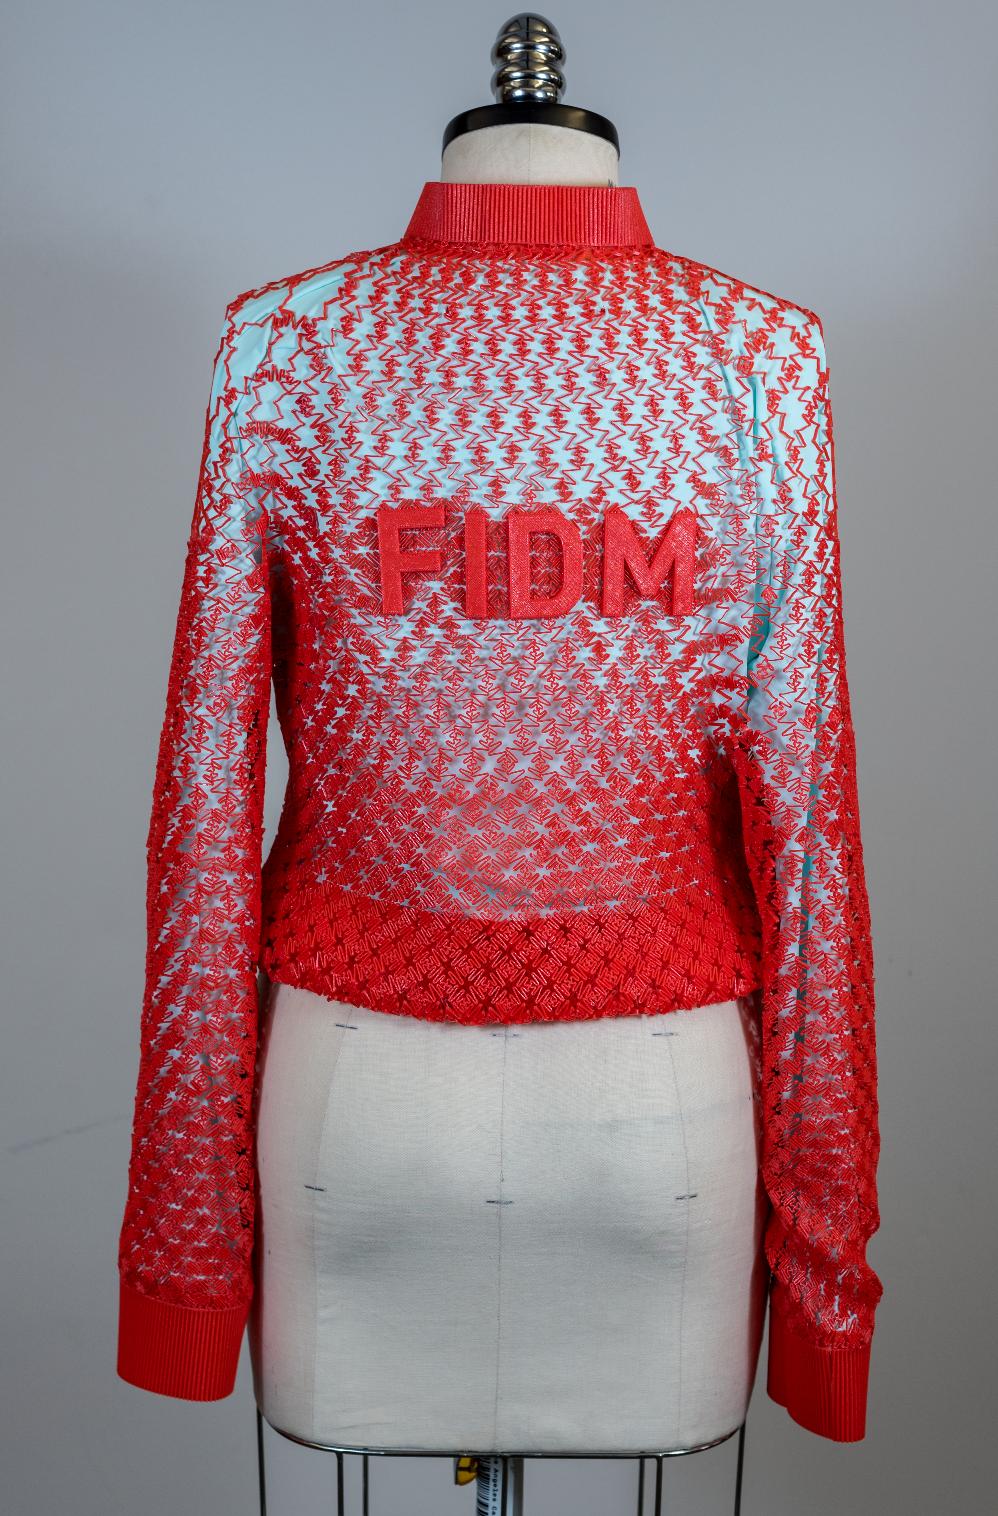 3D Printed FIDM Jacket by Danit Peleg